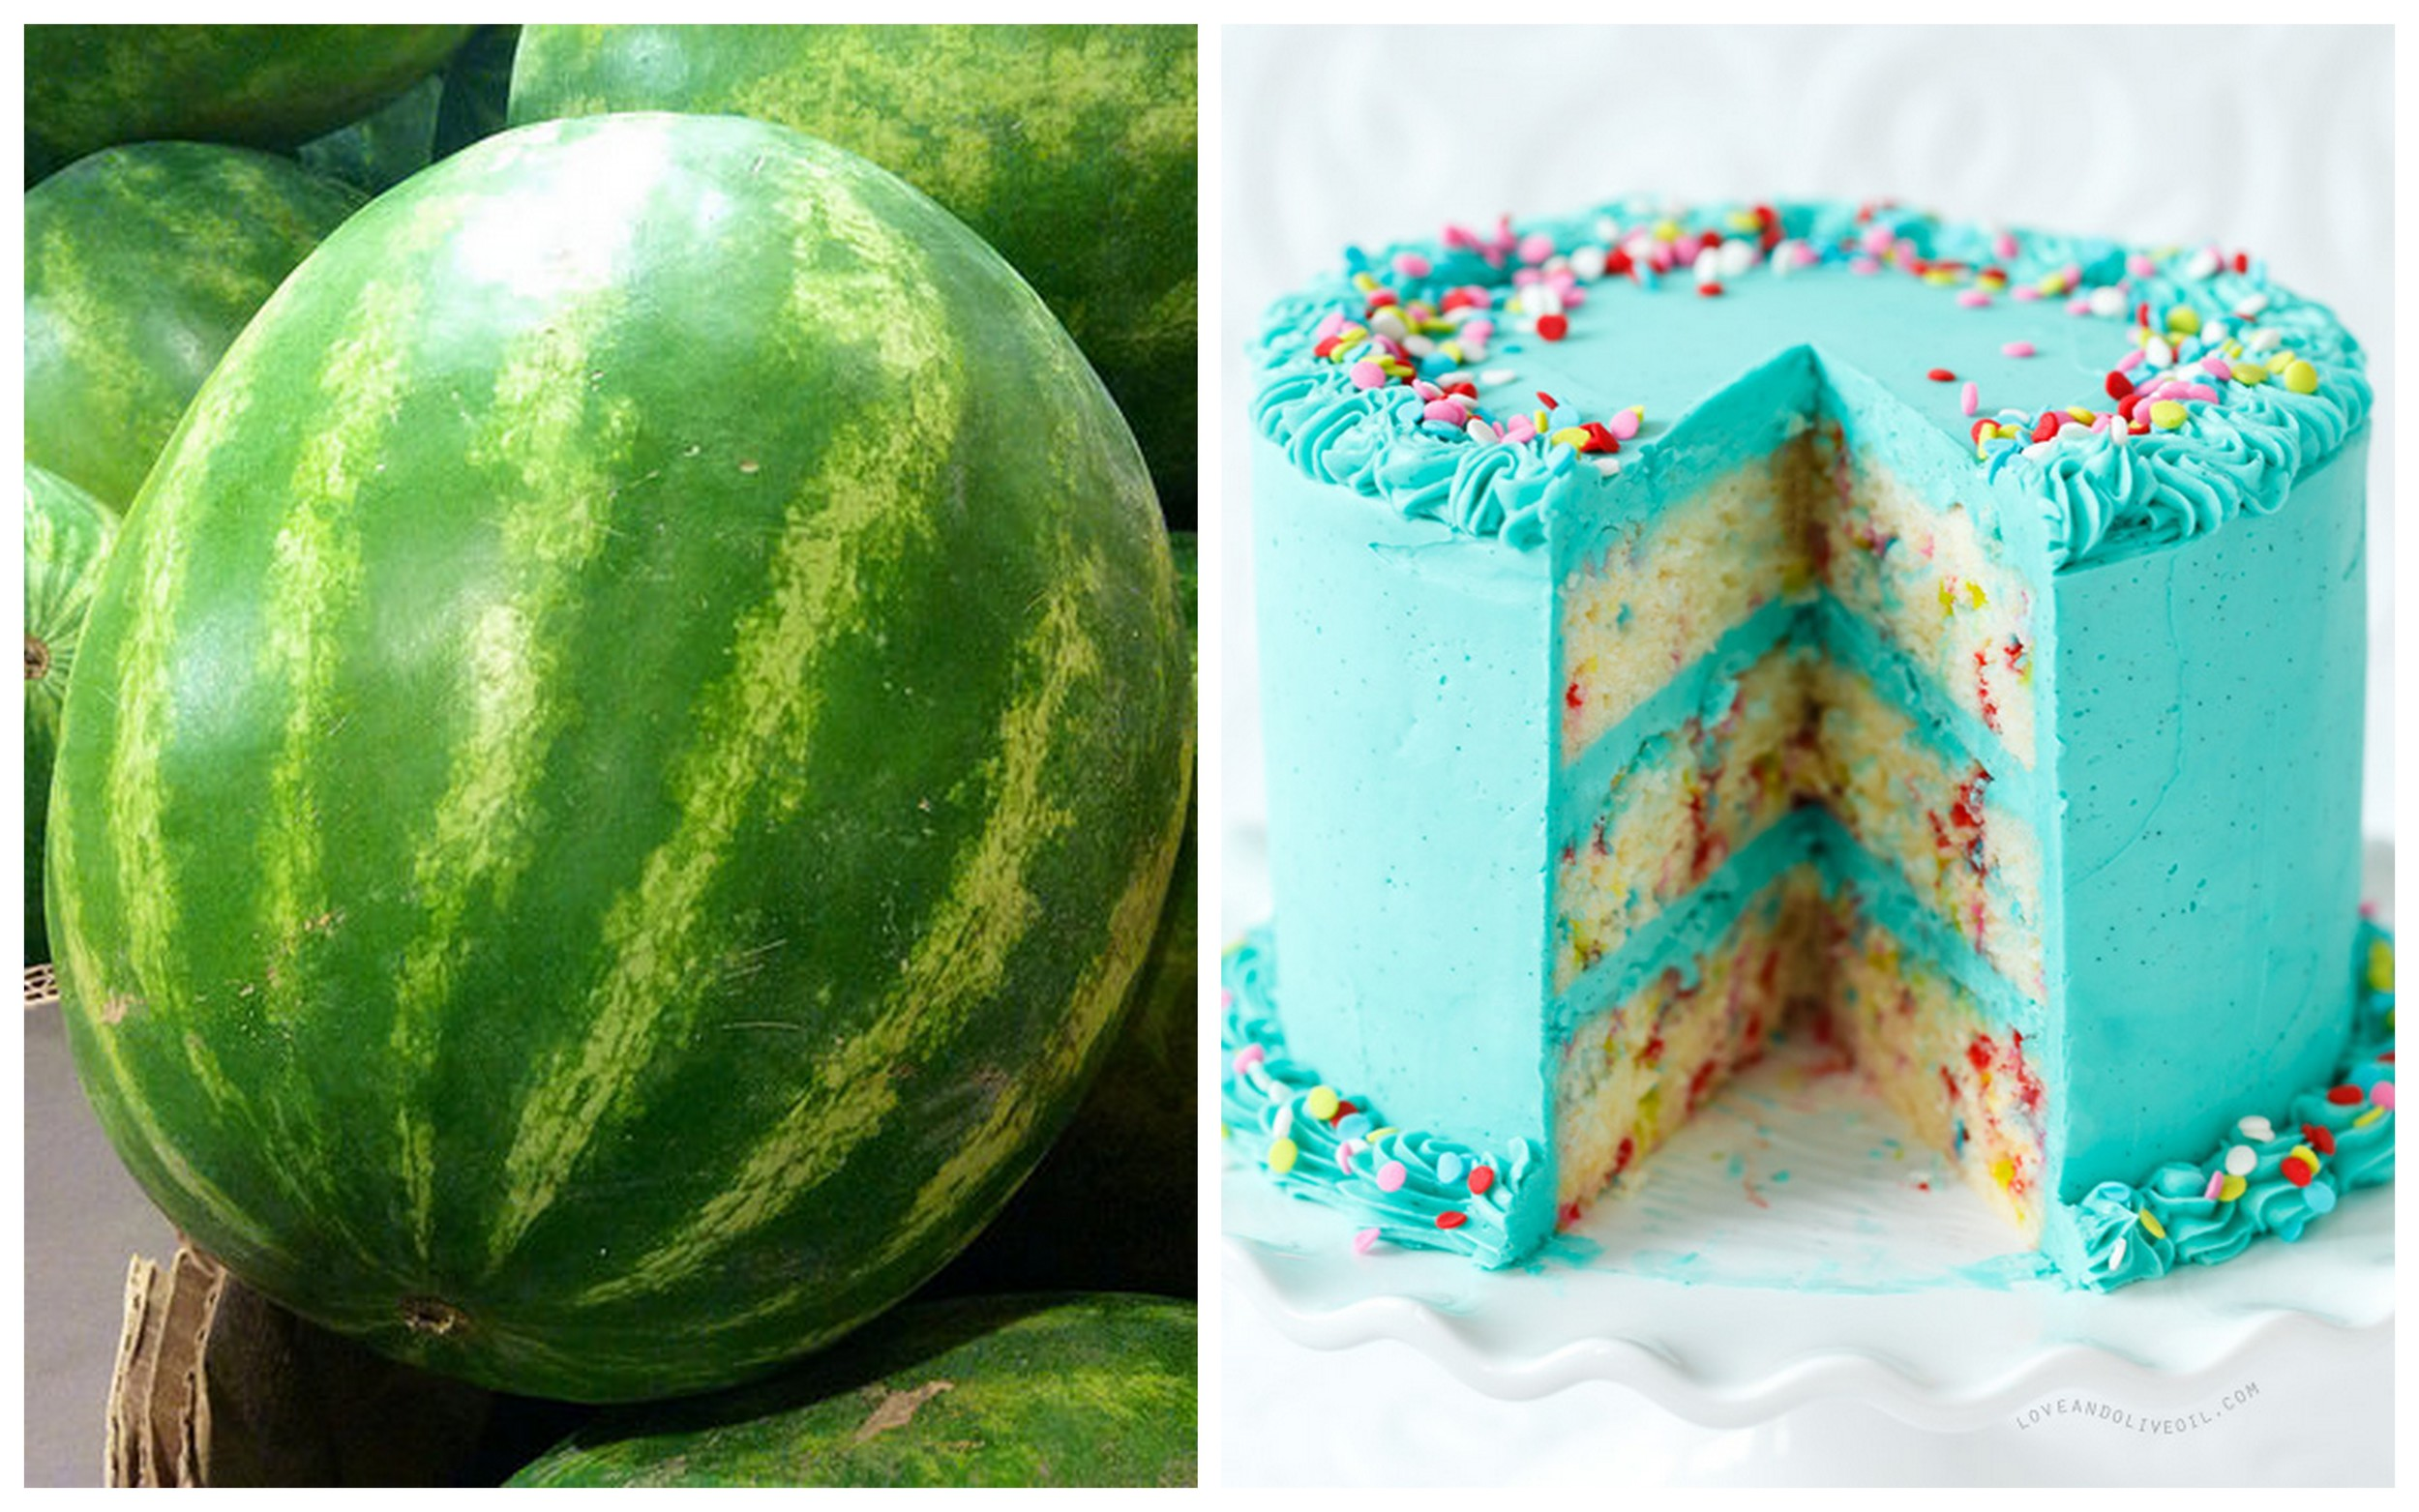 Watermelon    and    three-tier funfetti cake   .